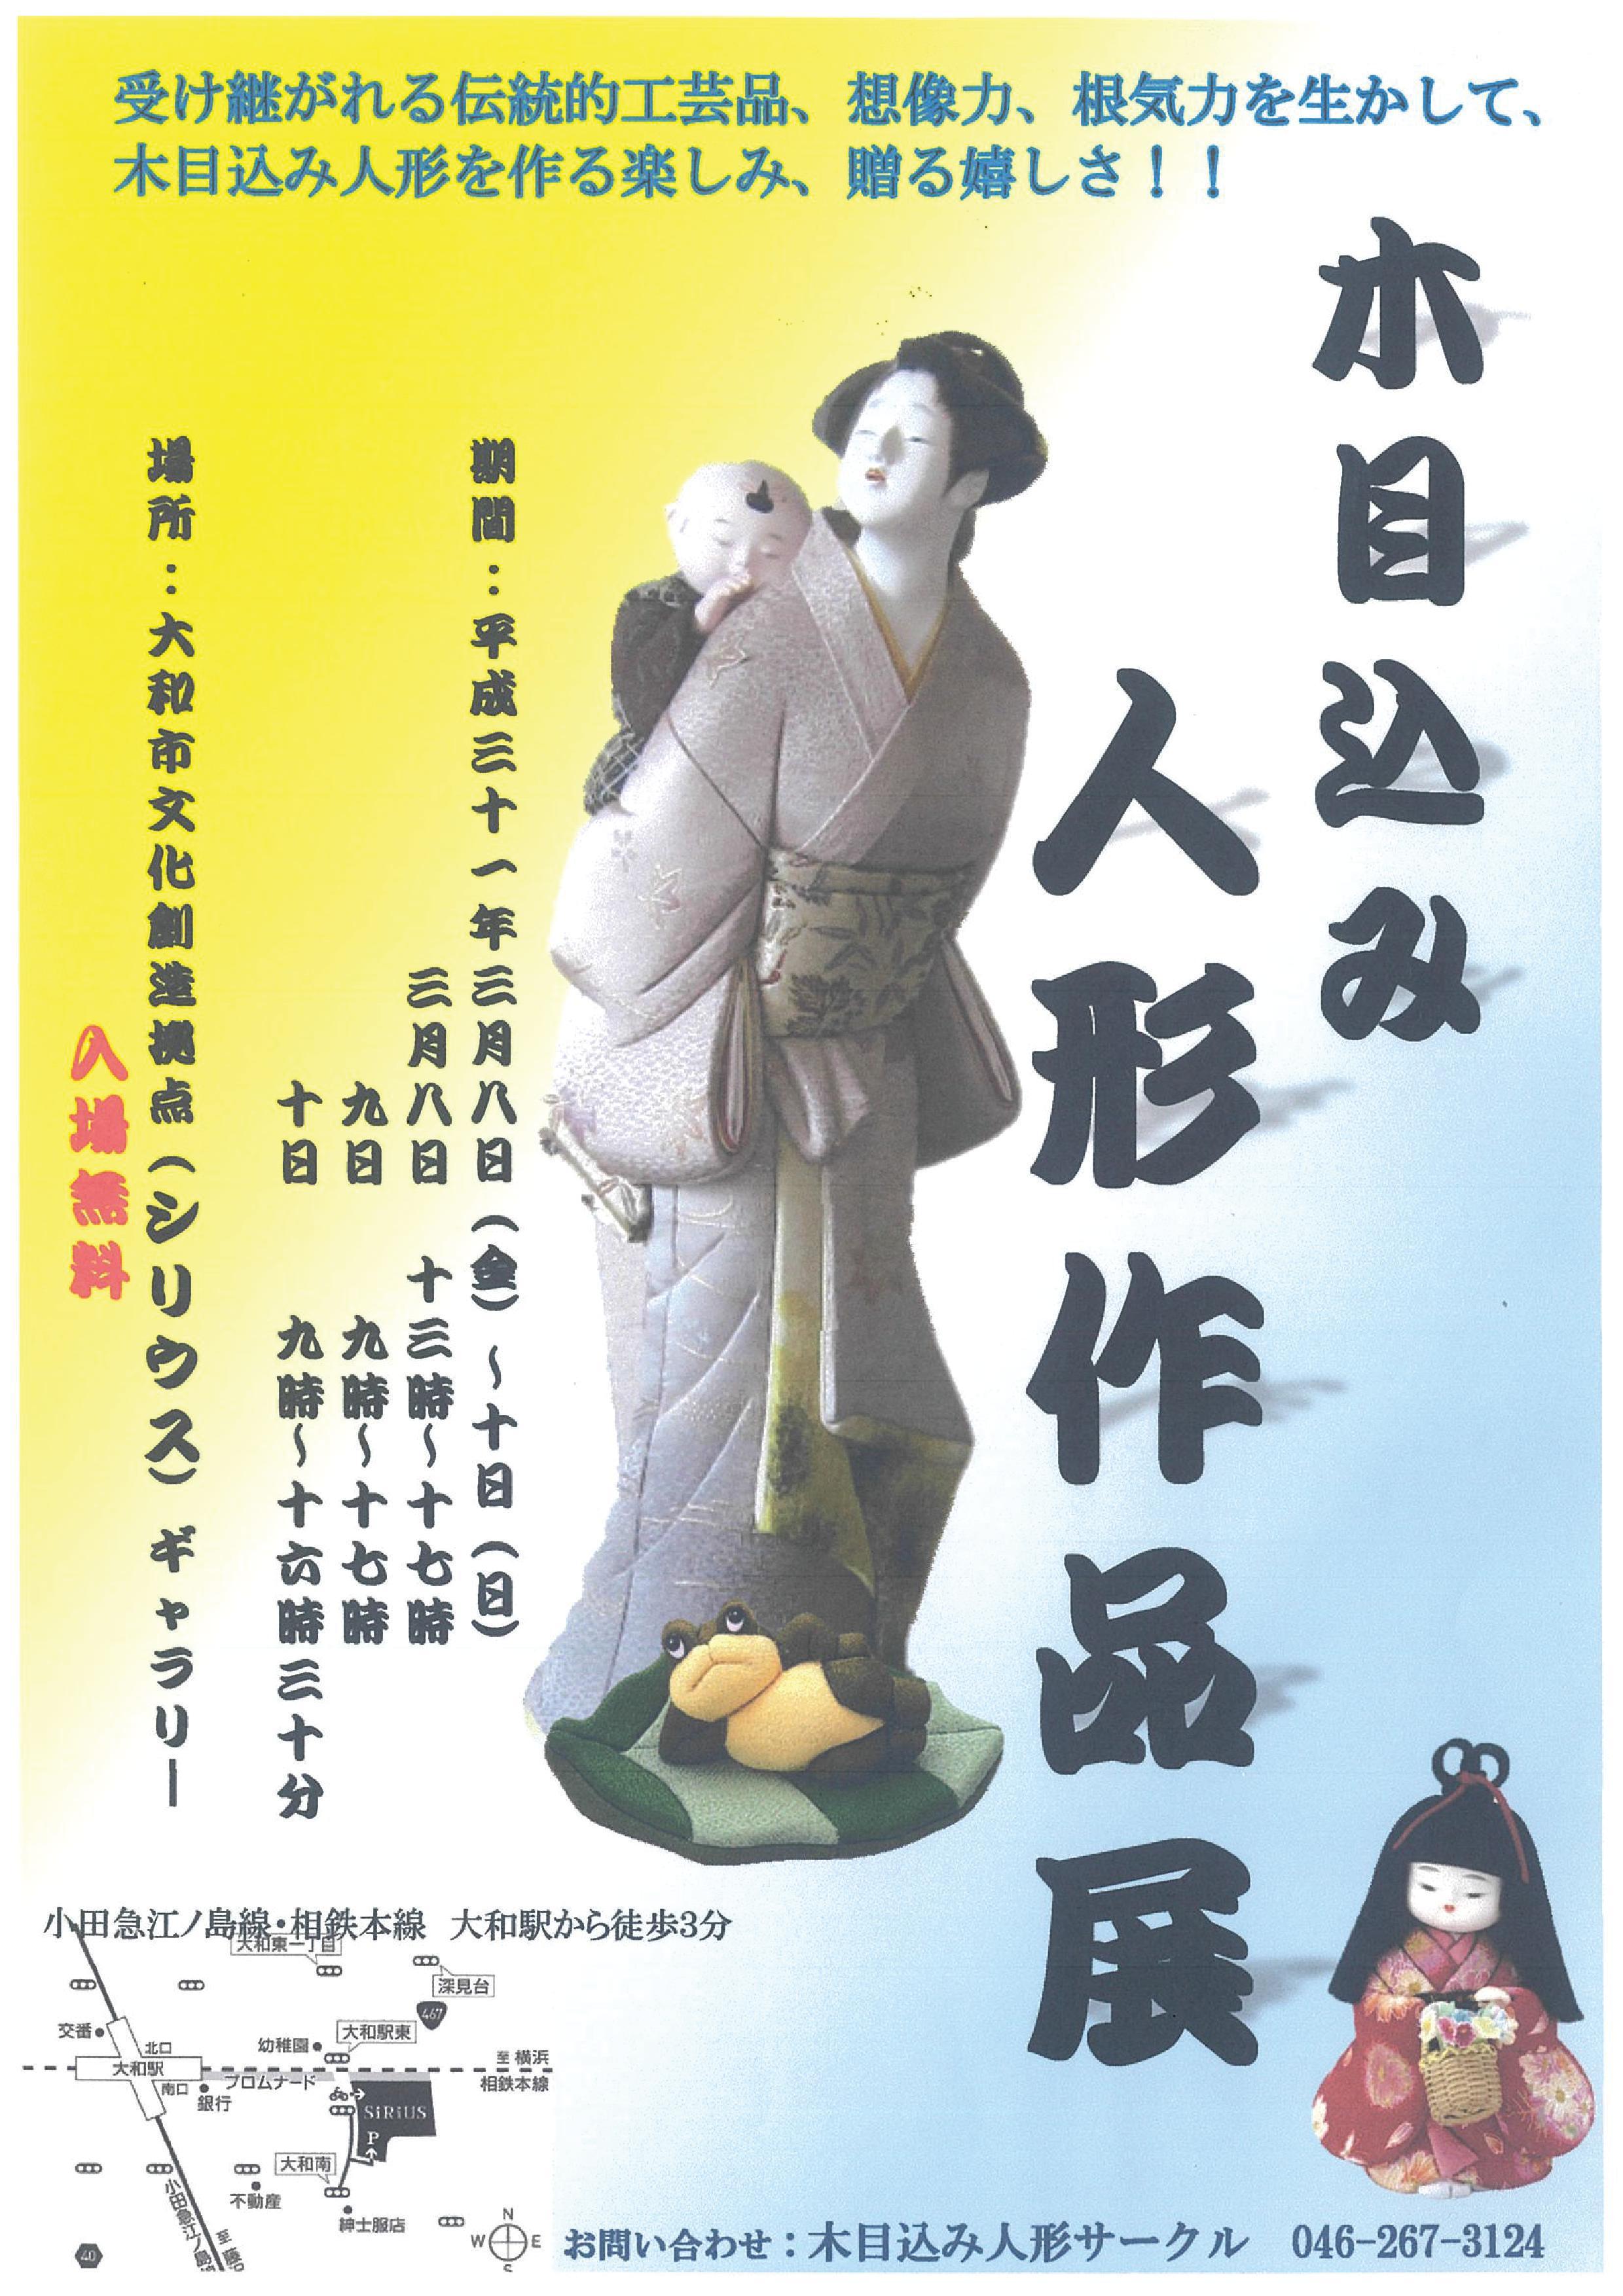 木目込み人形作品展